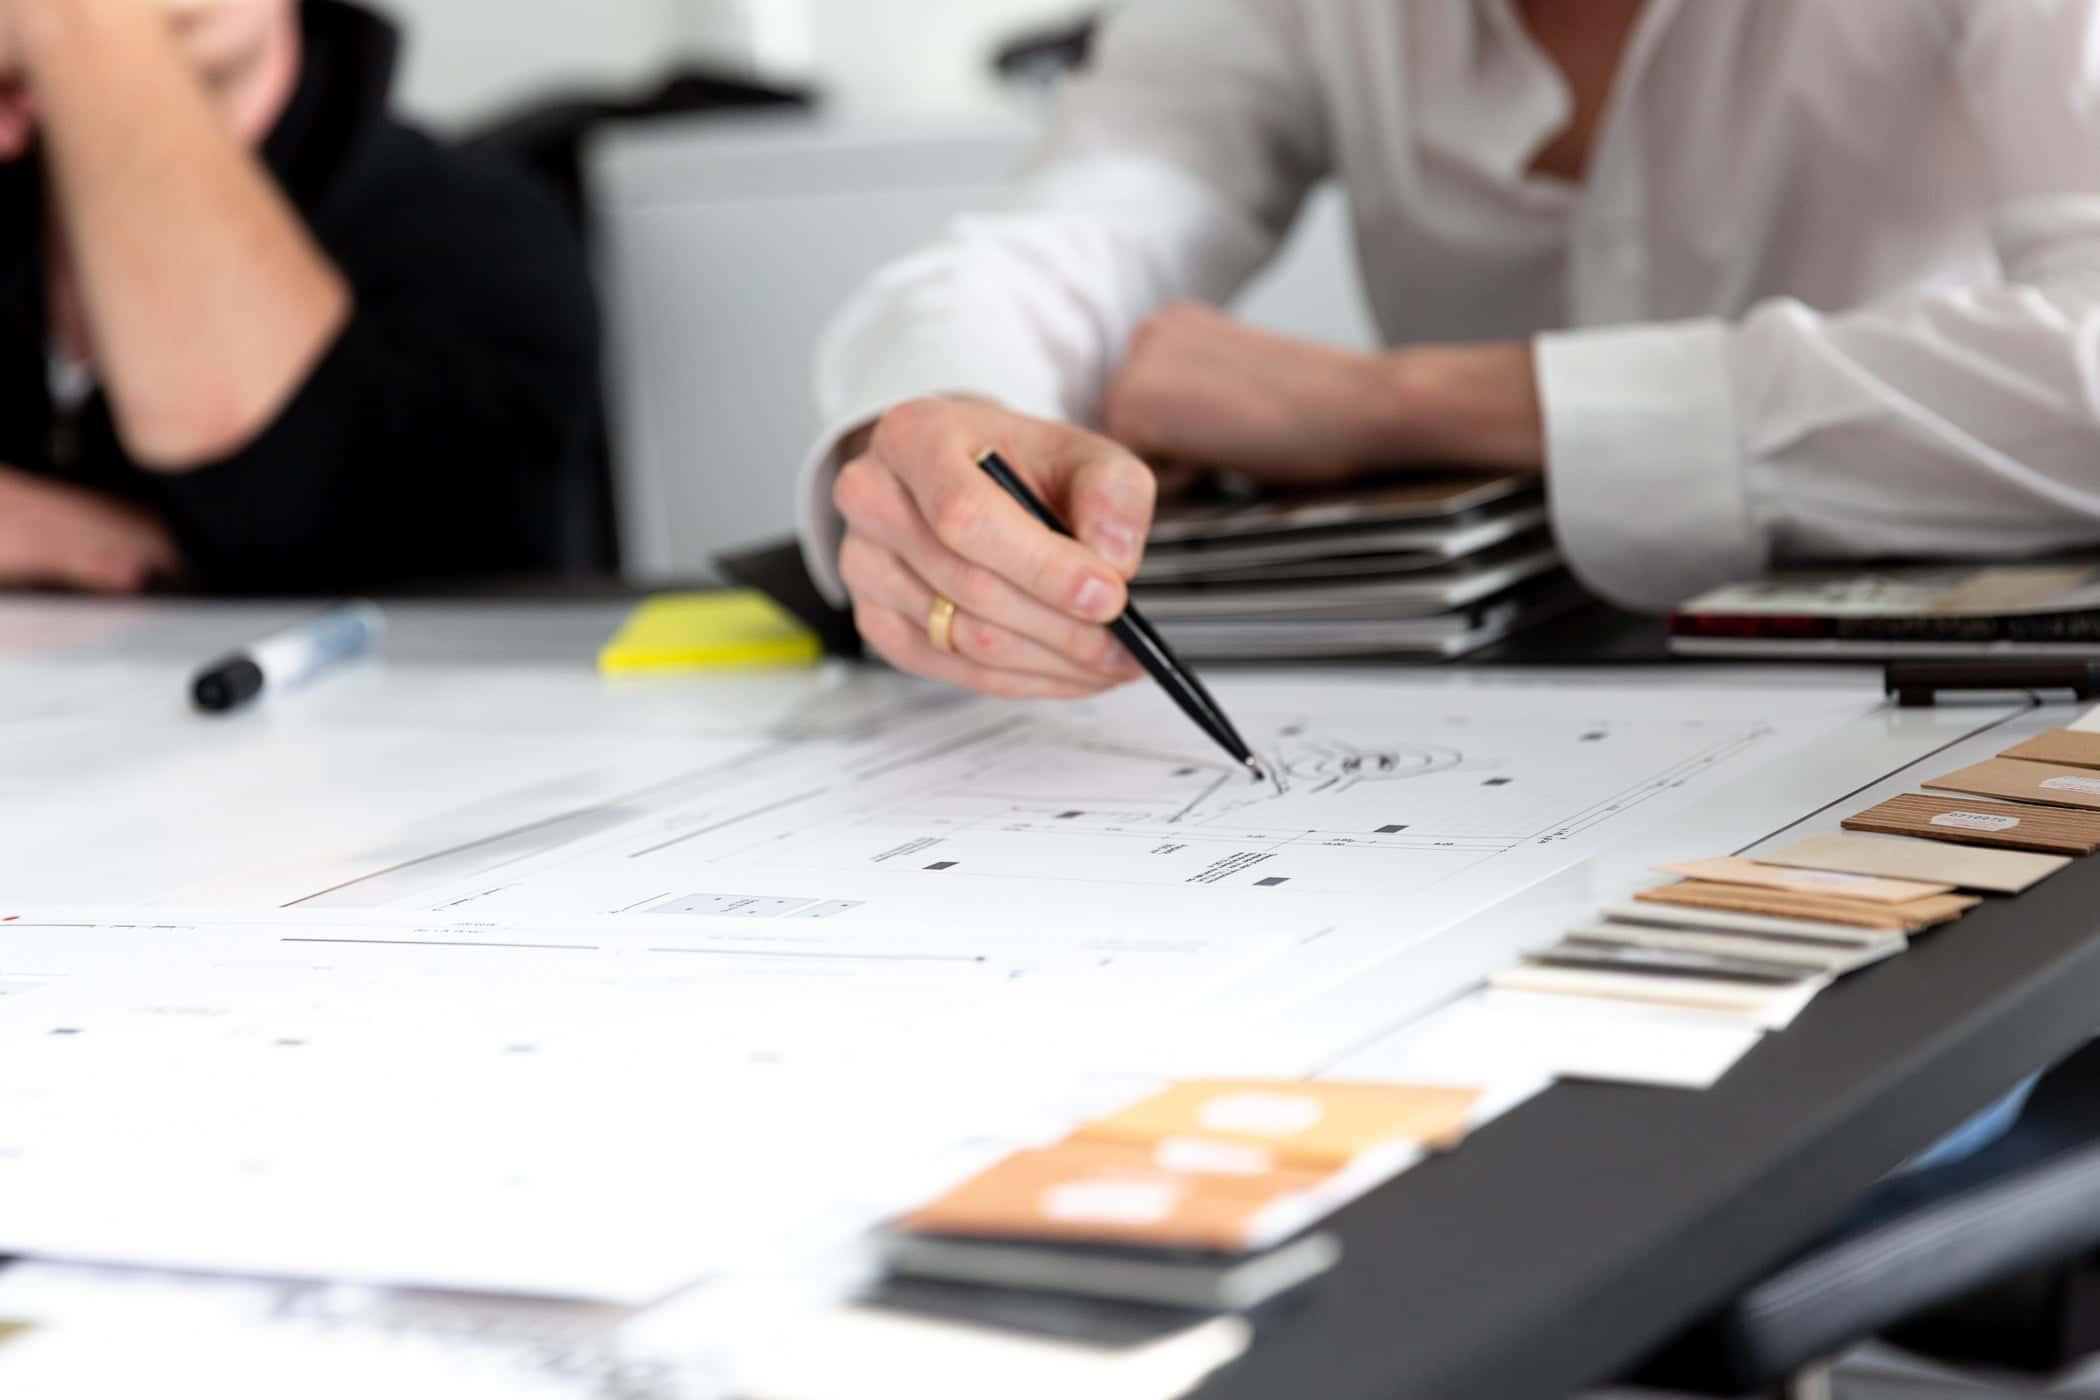 Teilnehmer der Agile Leadership Masterclass zeichnet Prototypen mit Stift